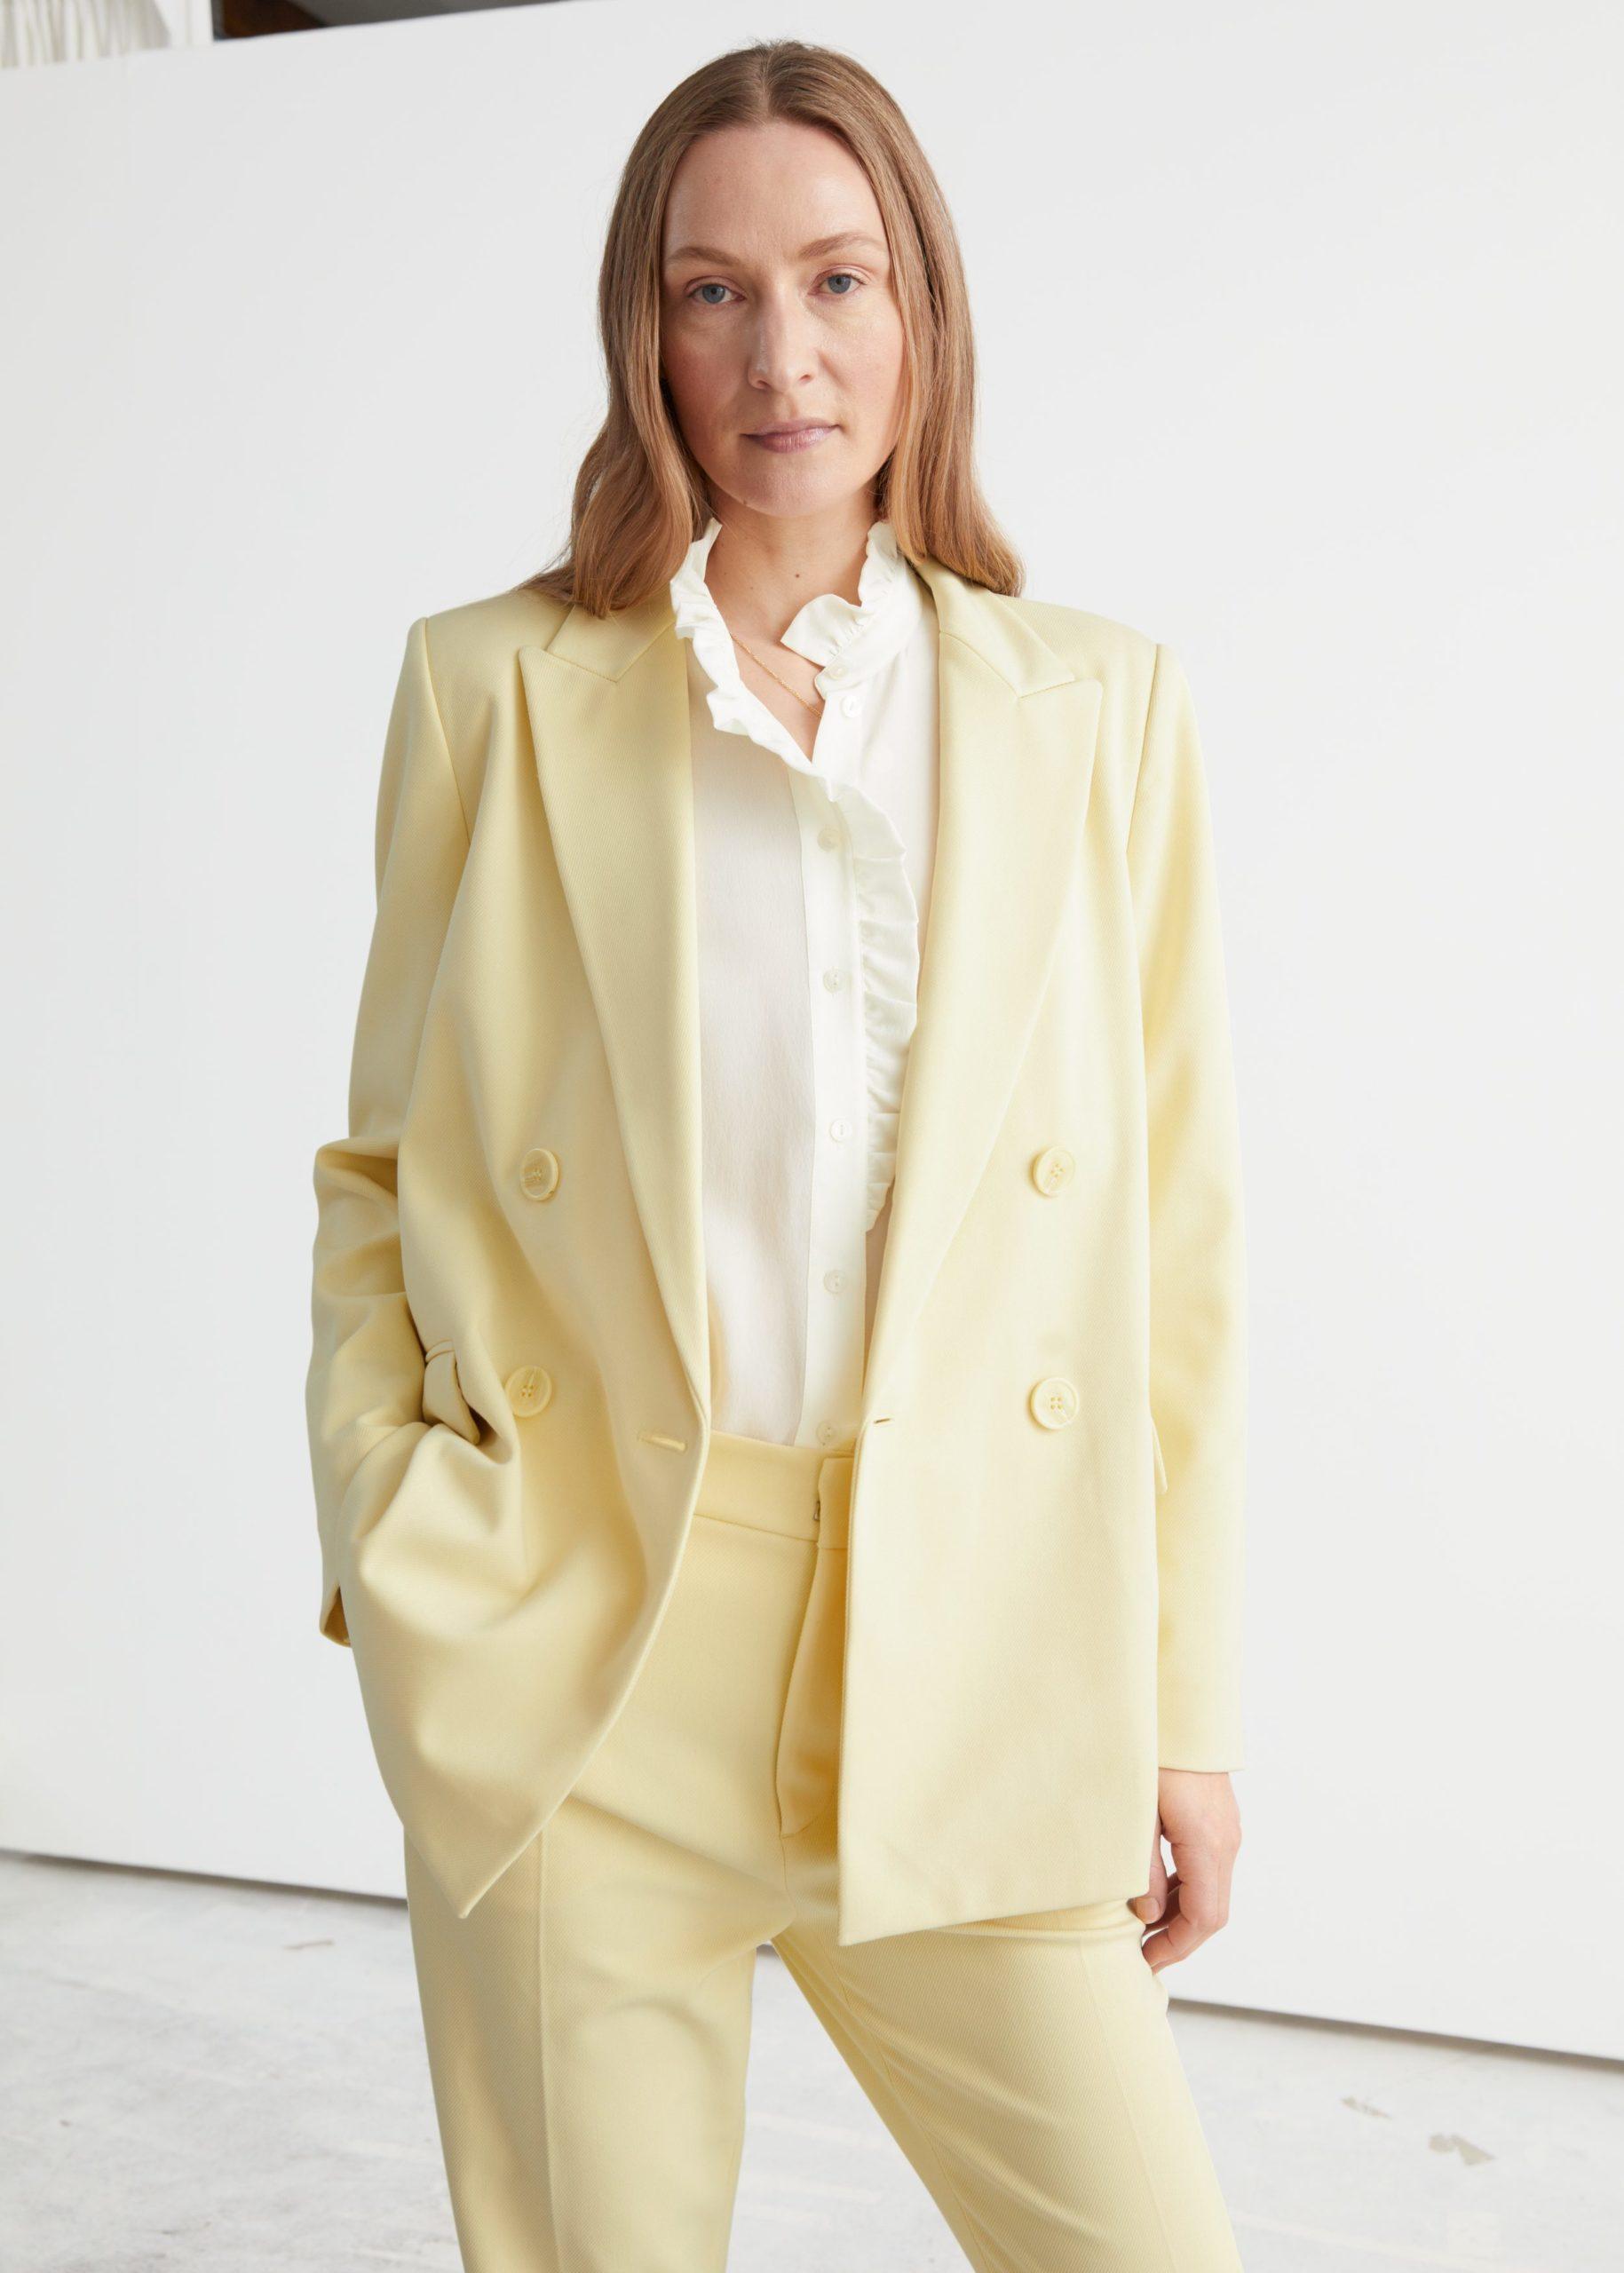 Шопинг: где купить стильные вещи в главных цветах 2021 года